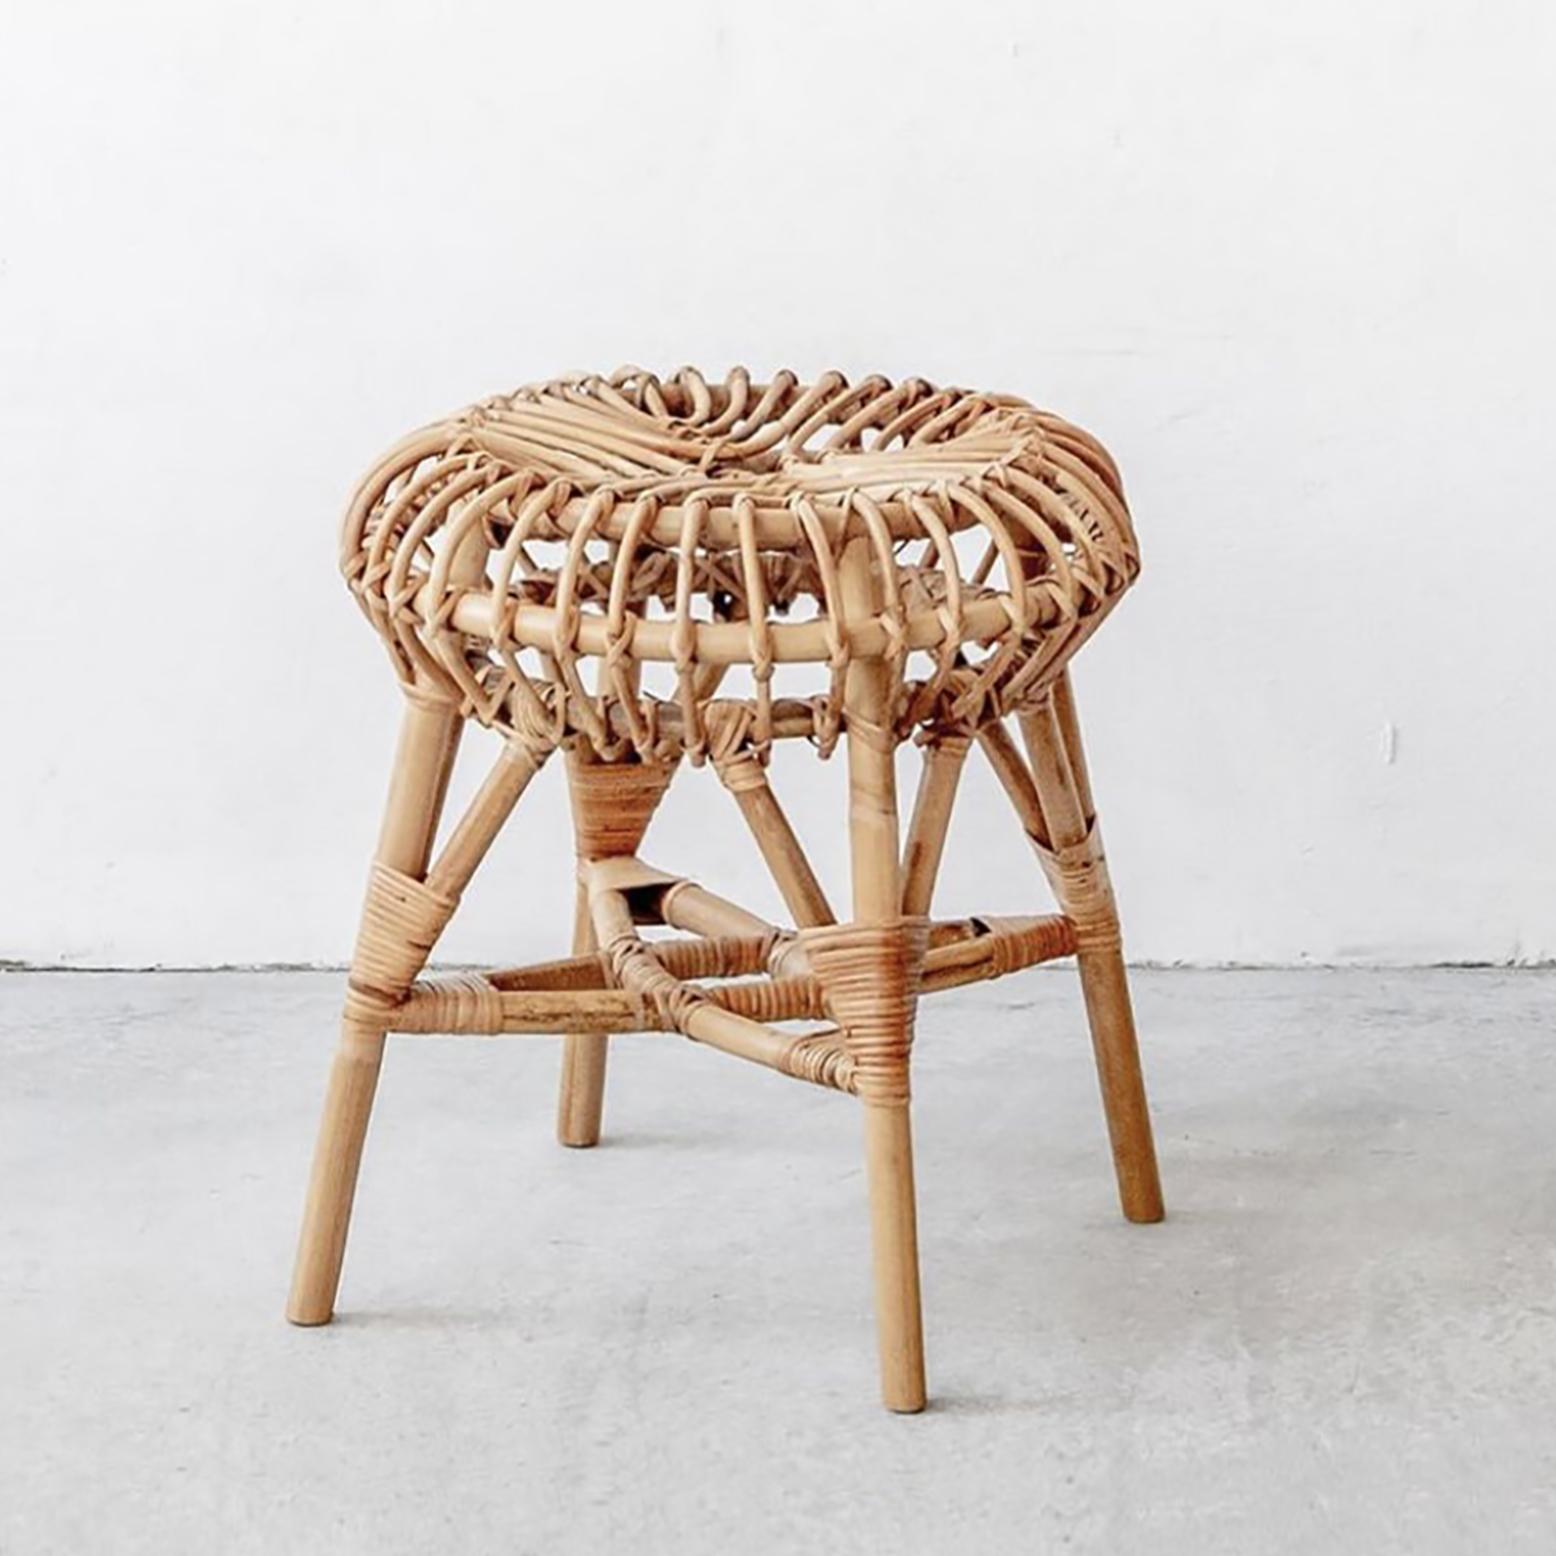 久伴INS北欧藤编凳餐厅客厅民宿咖啡馆茶几凳子换鞋凳餐桌椅凳子_图1